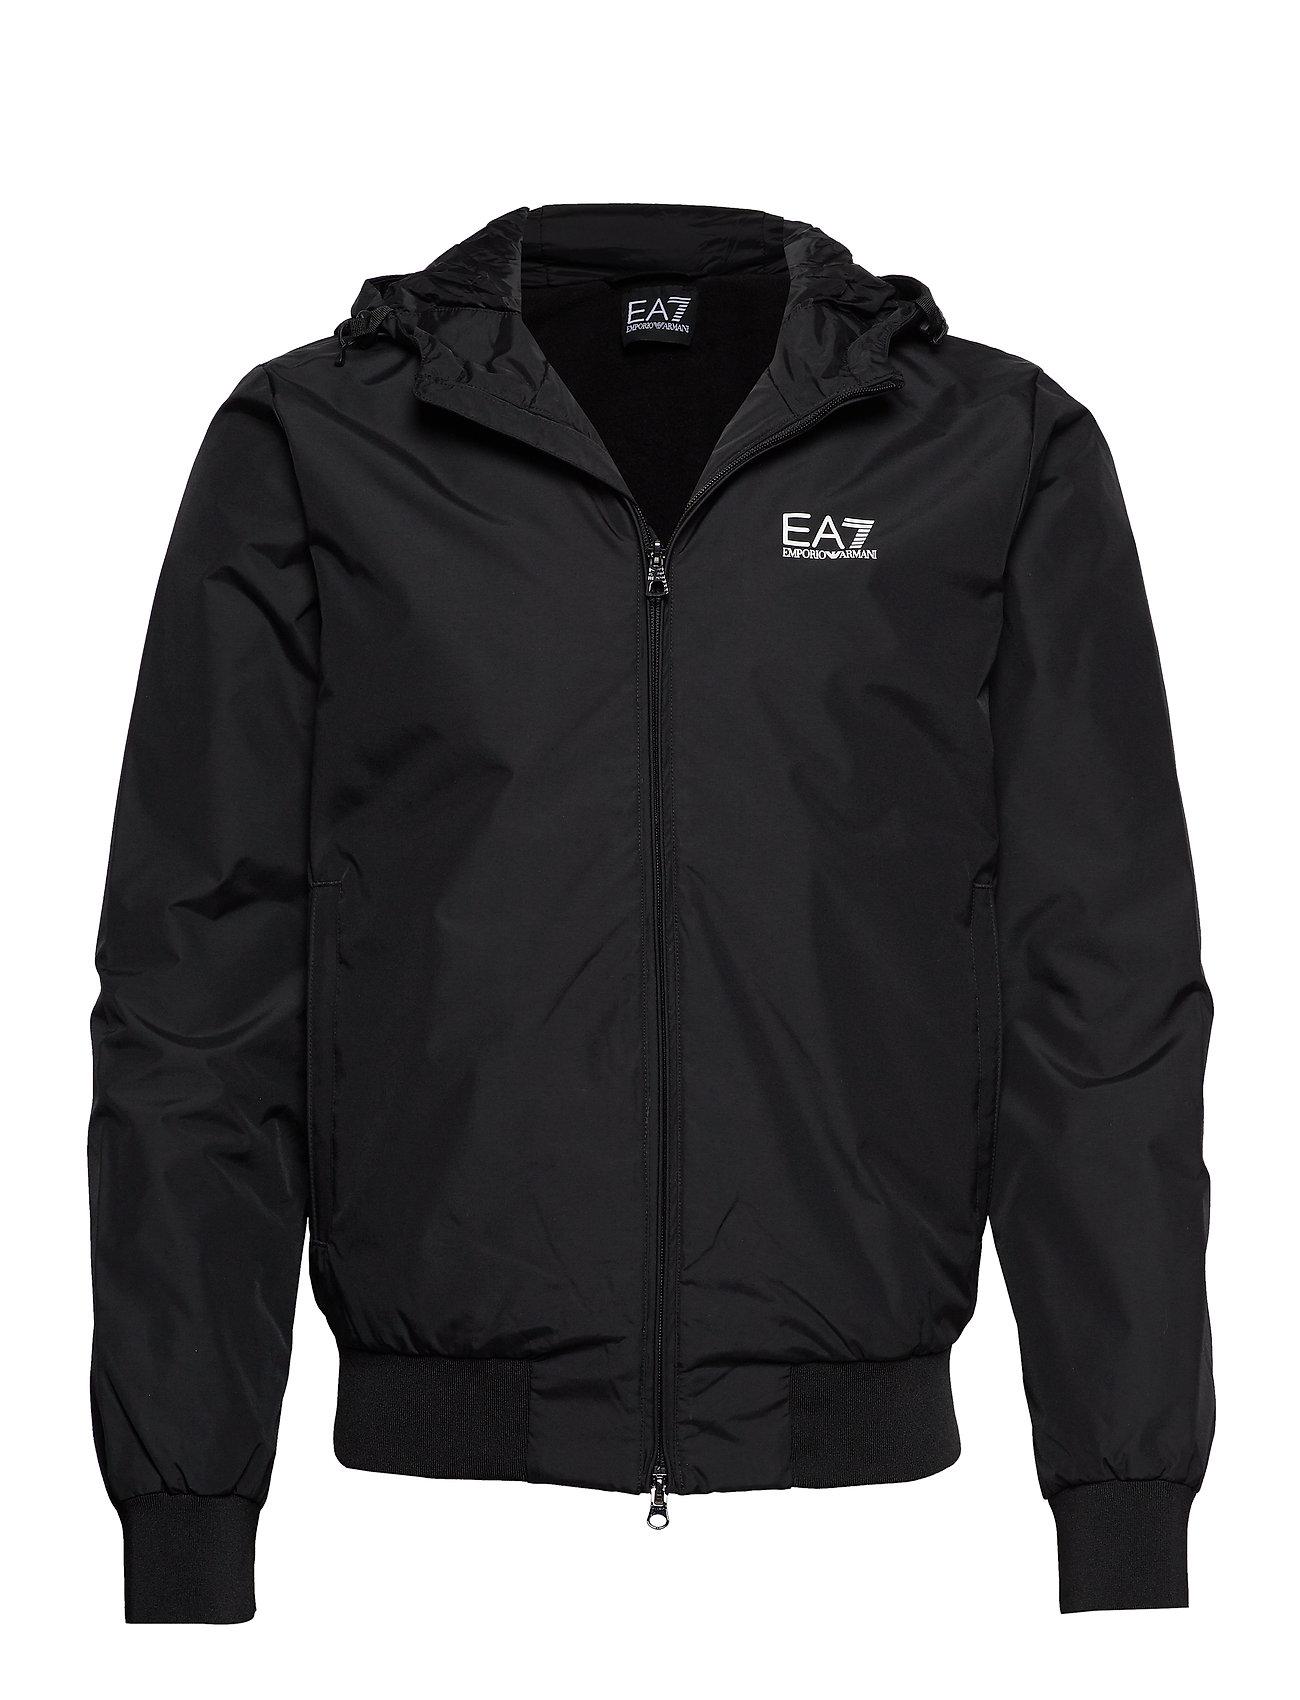 EA7 JACKET - BLACK